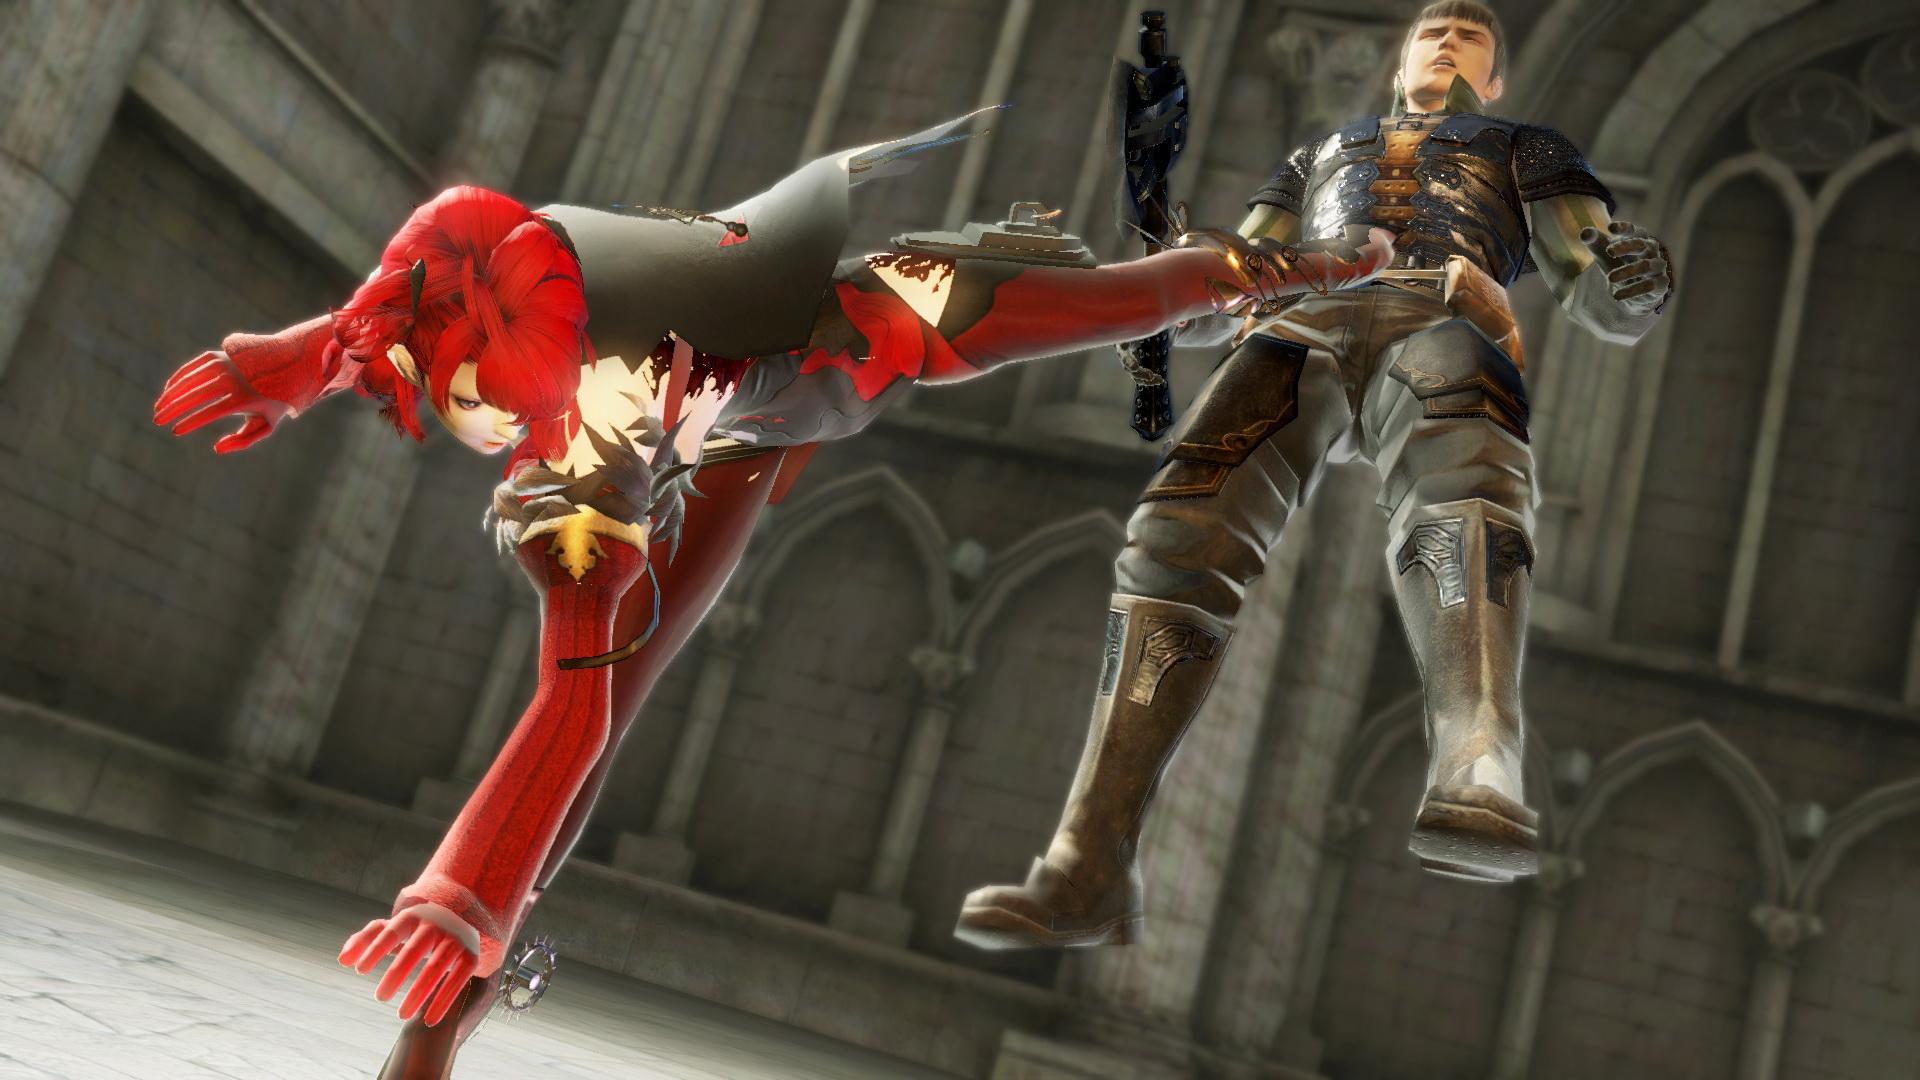 「ヴェルギリエ」は、派生技のキックも多数存在している。その中の1つのステップキックは敵を複数マス後方に吹っ飛ばすことができる